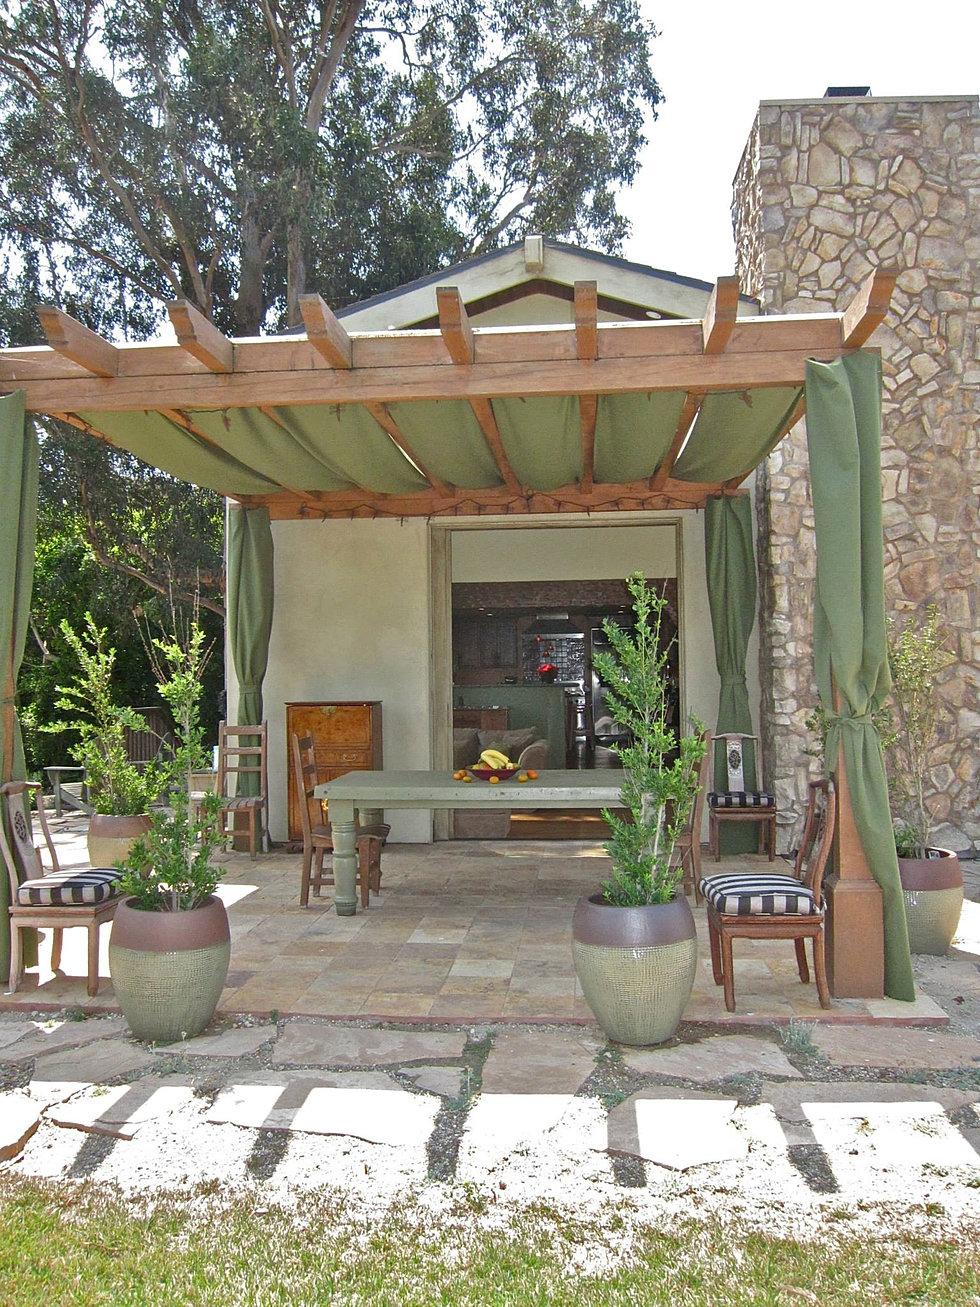 bitchin u0027 digs design u0026 real estate by tessa hendrie u0026 alyssa